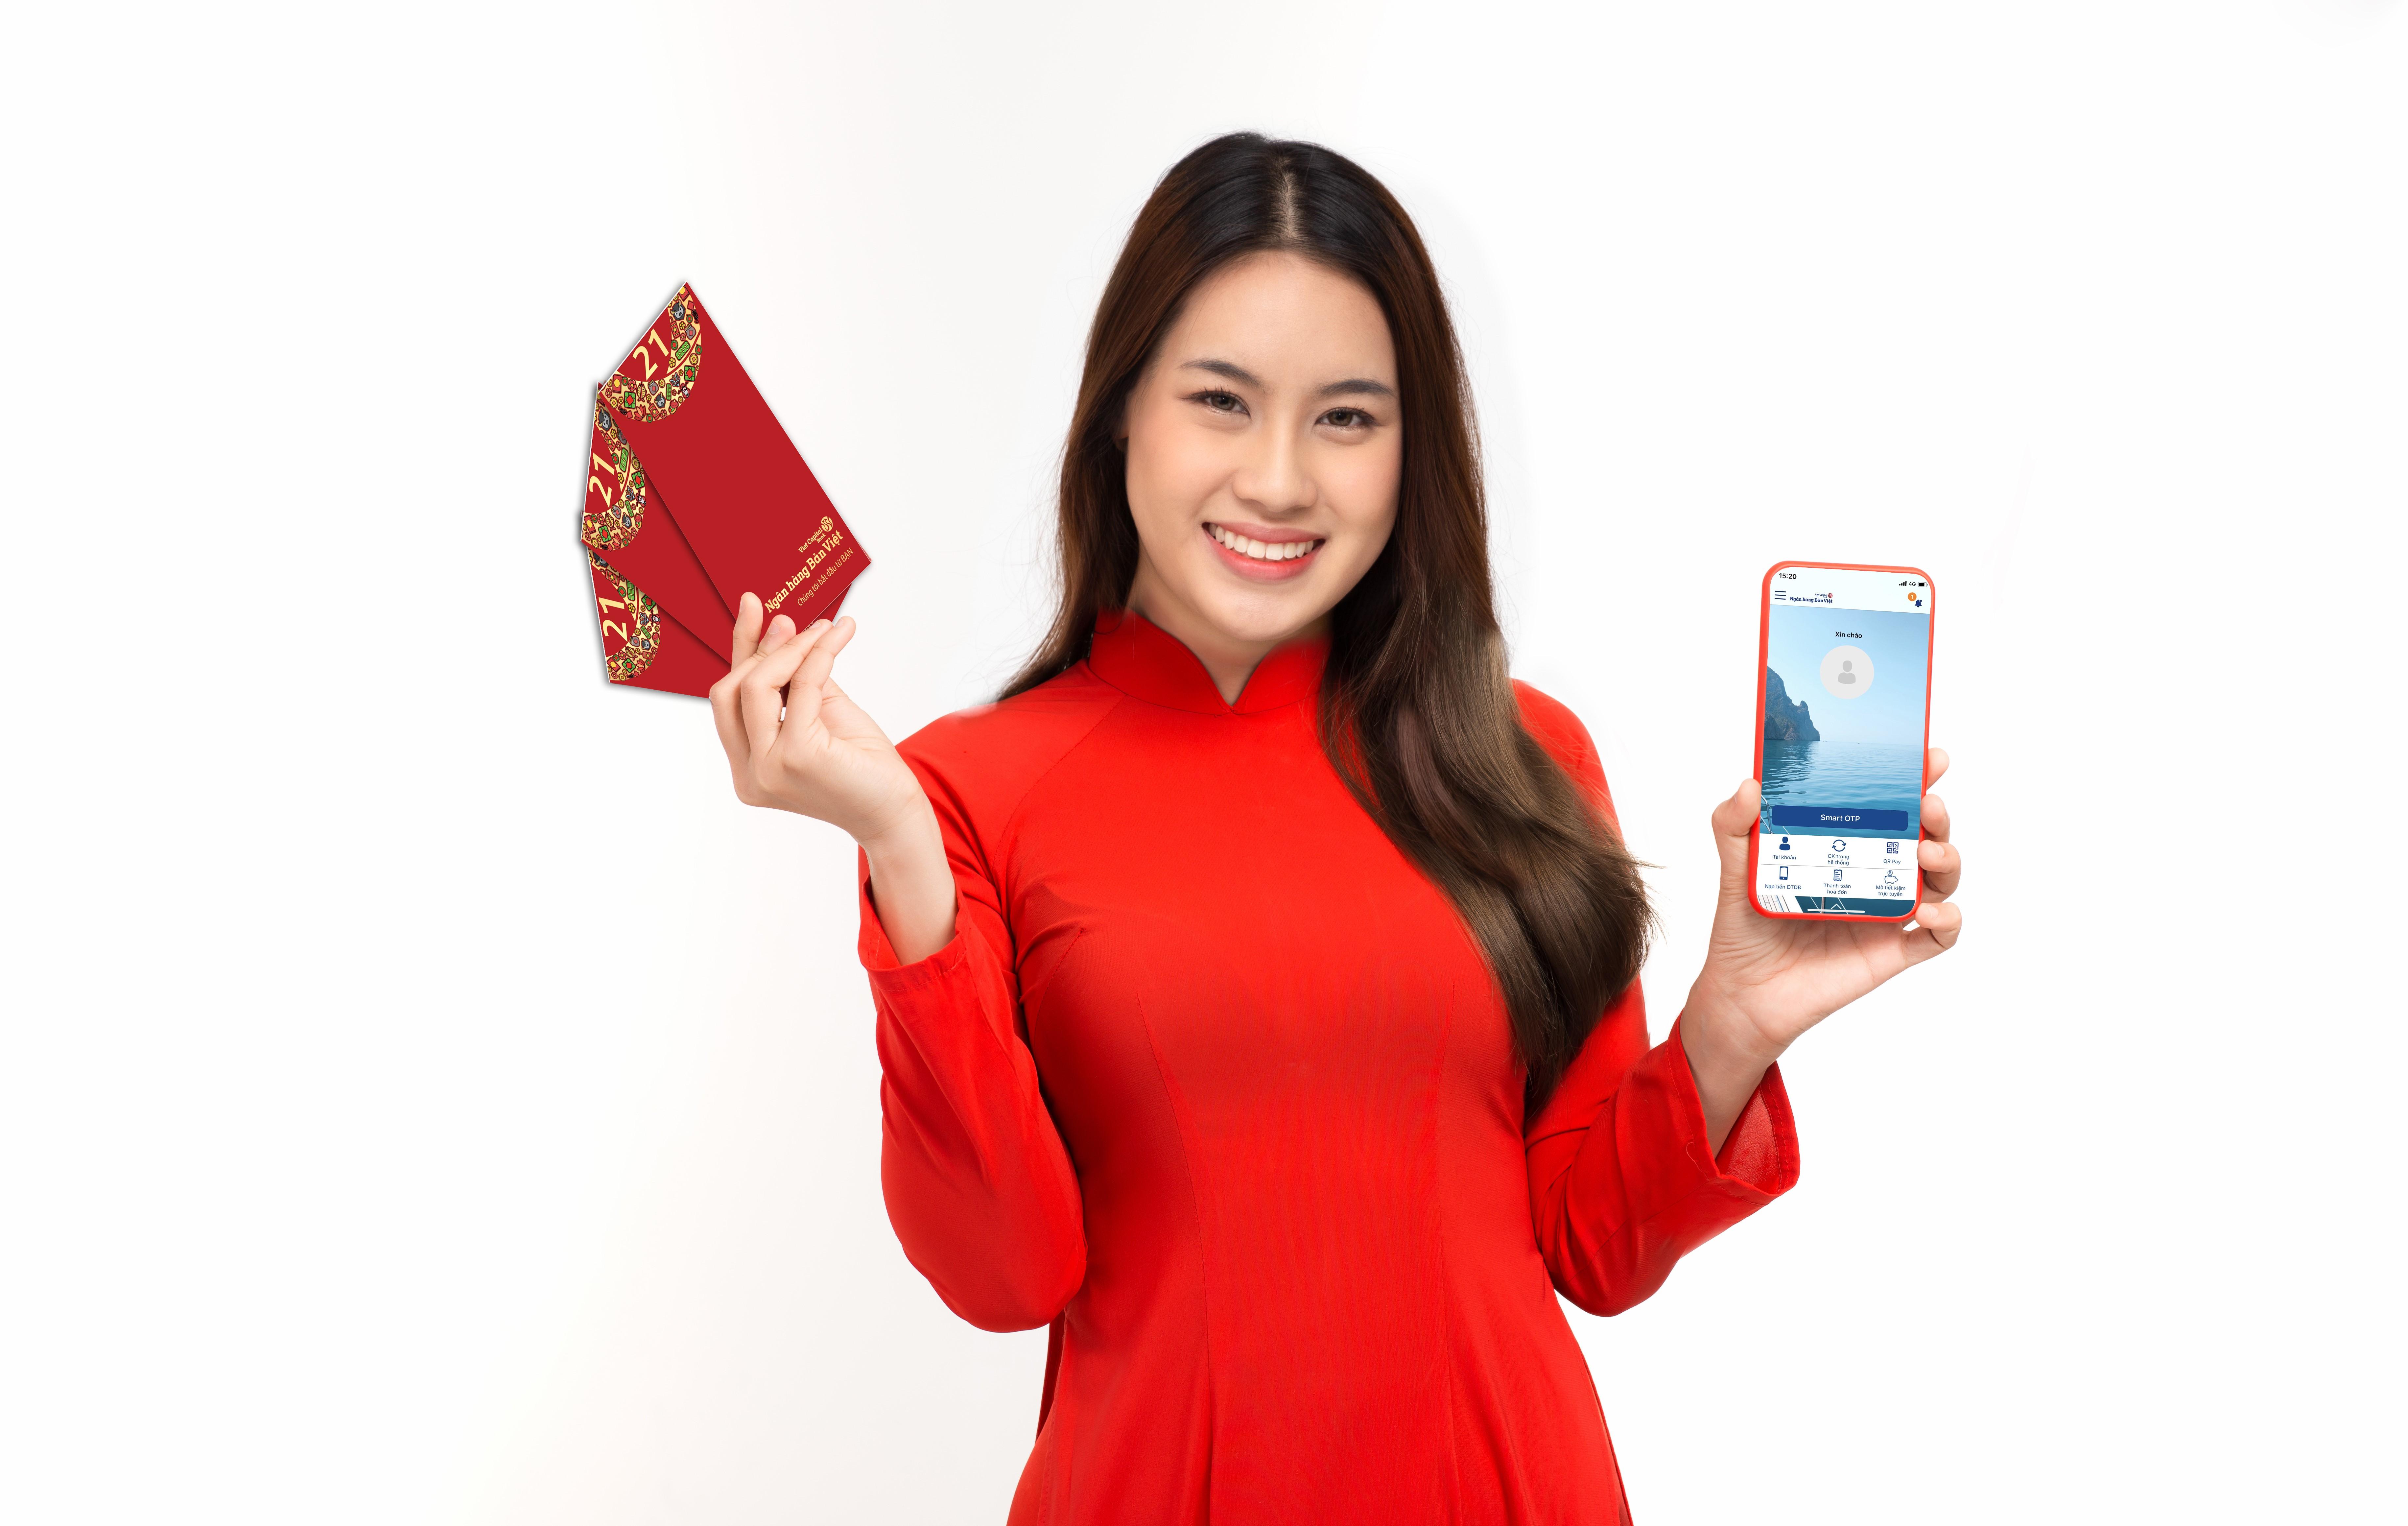 Đón Tết an toàn cùng các dịch vụ online từ ngân hàng Bản Việt